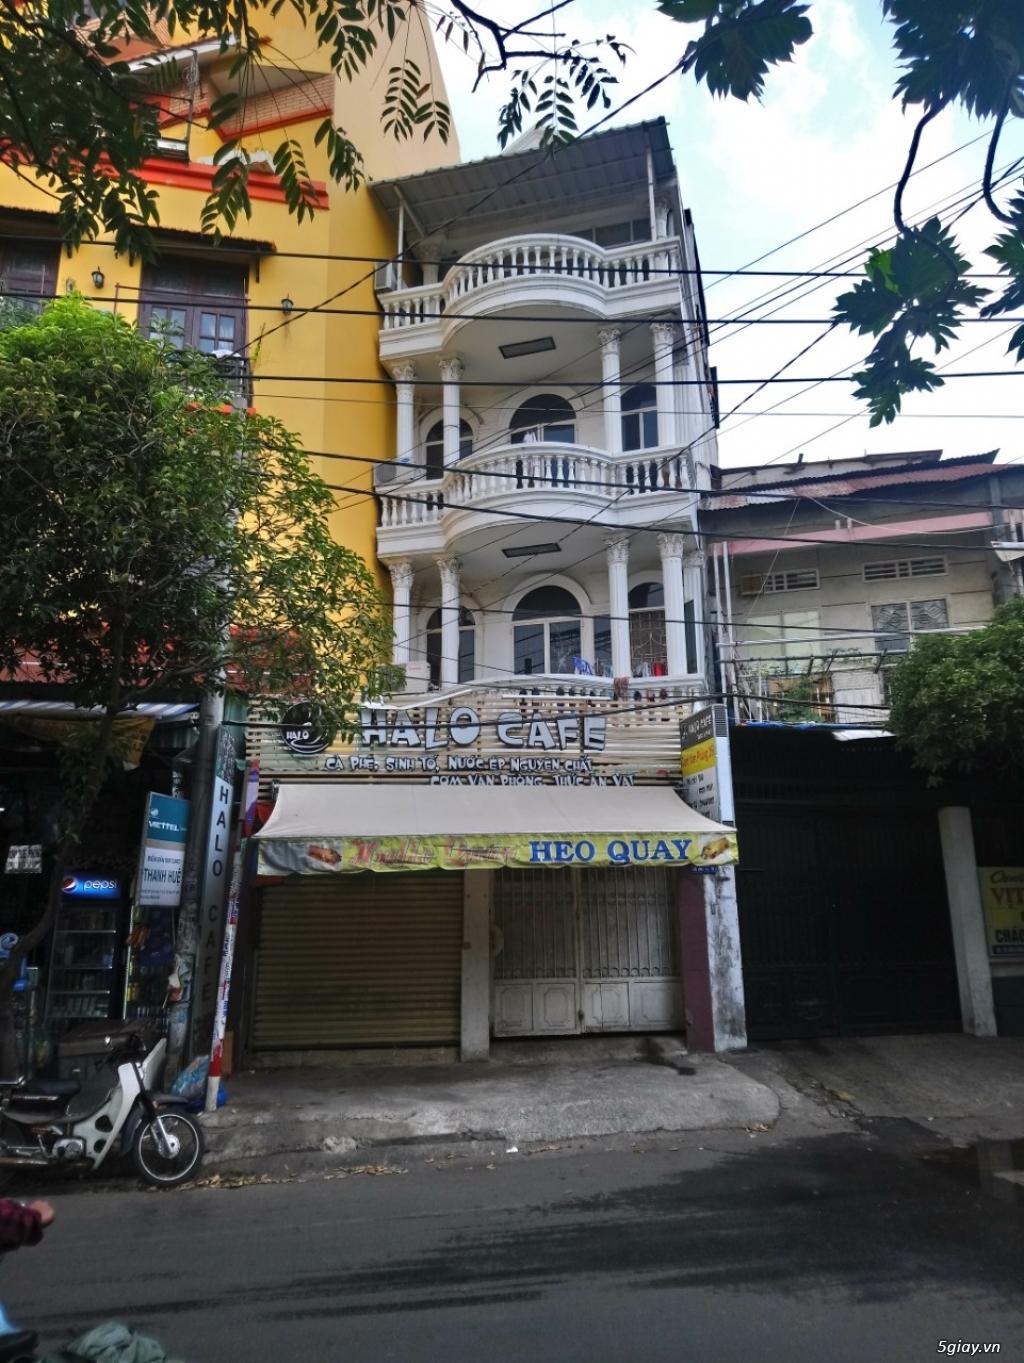 Cần tiền gấp, bán nhà mặt tiền đường Tô HIến Thành, P.15, Q.10!!!!!!!!